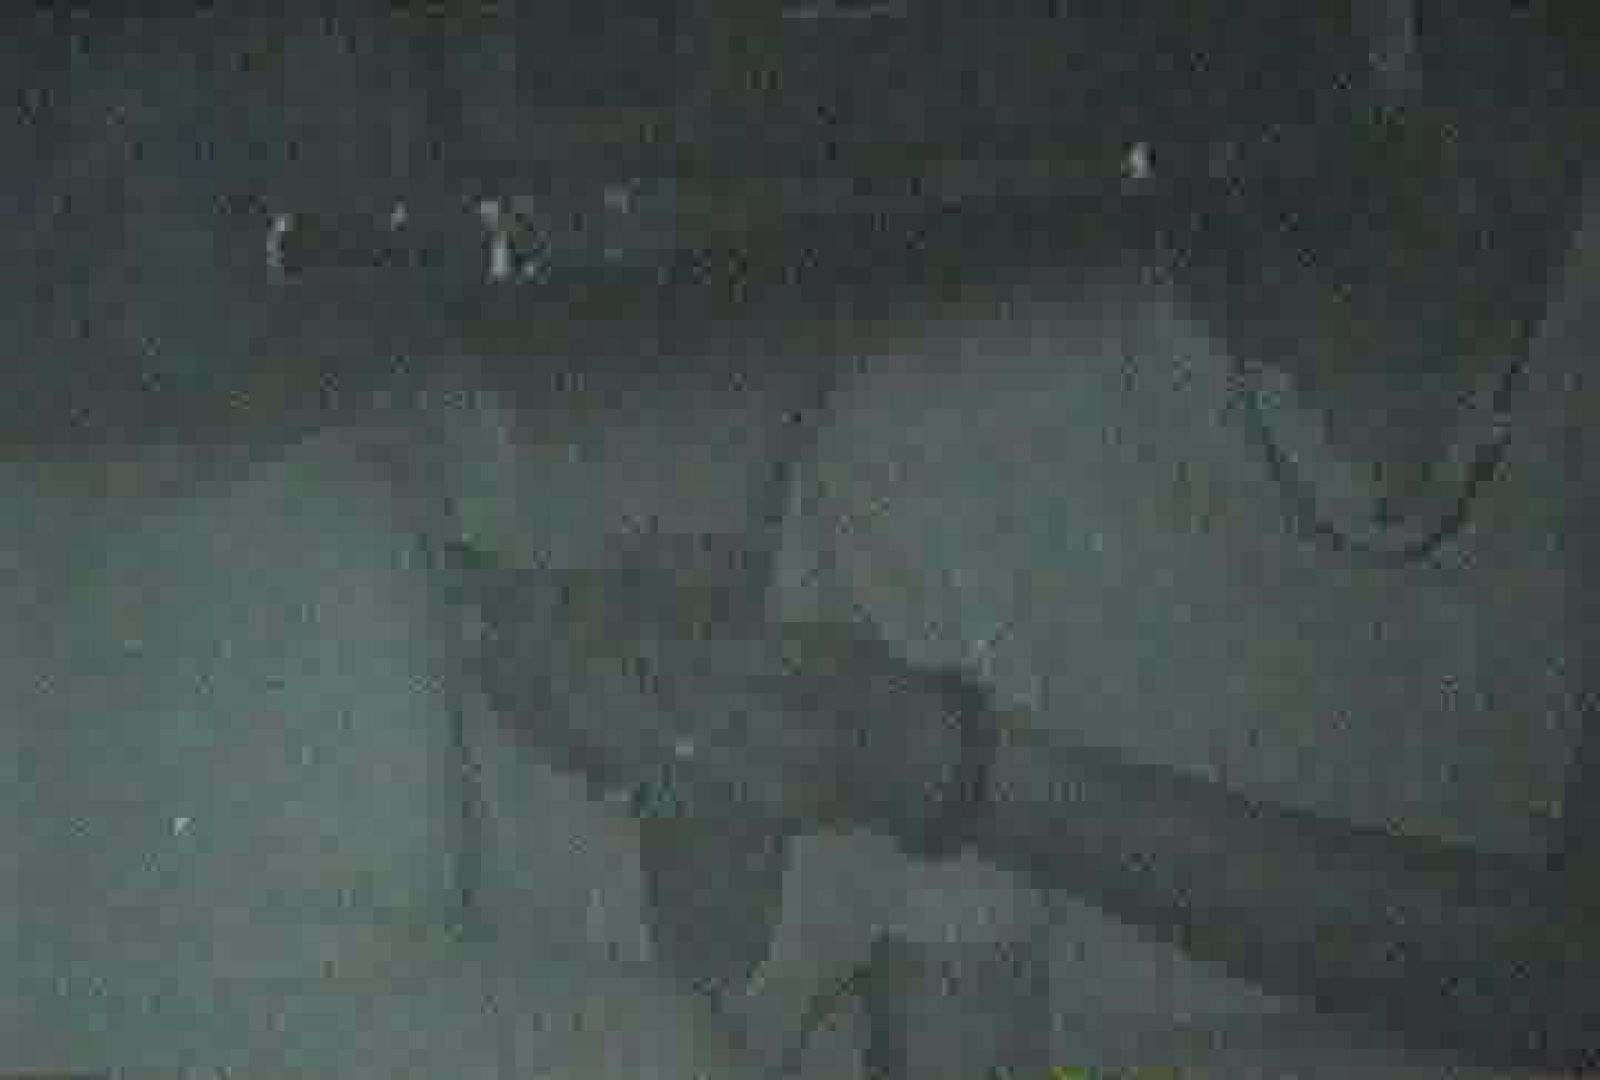 充血監督の深夜の運動会Vol.87 マンコ・ムレムレ | 美しいOLの裸体  83pic 21